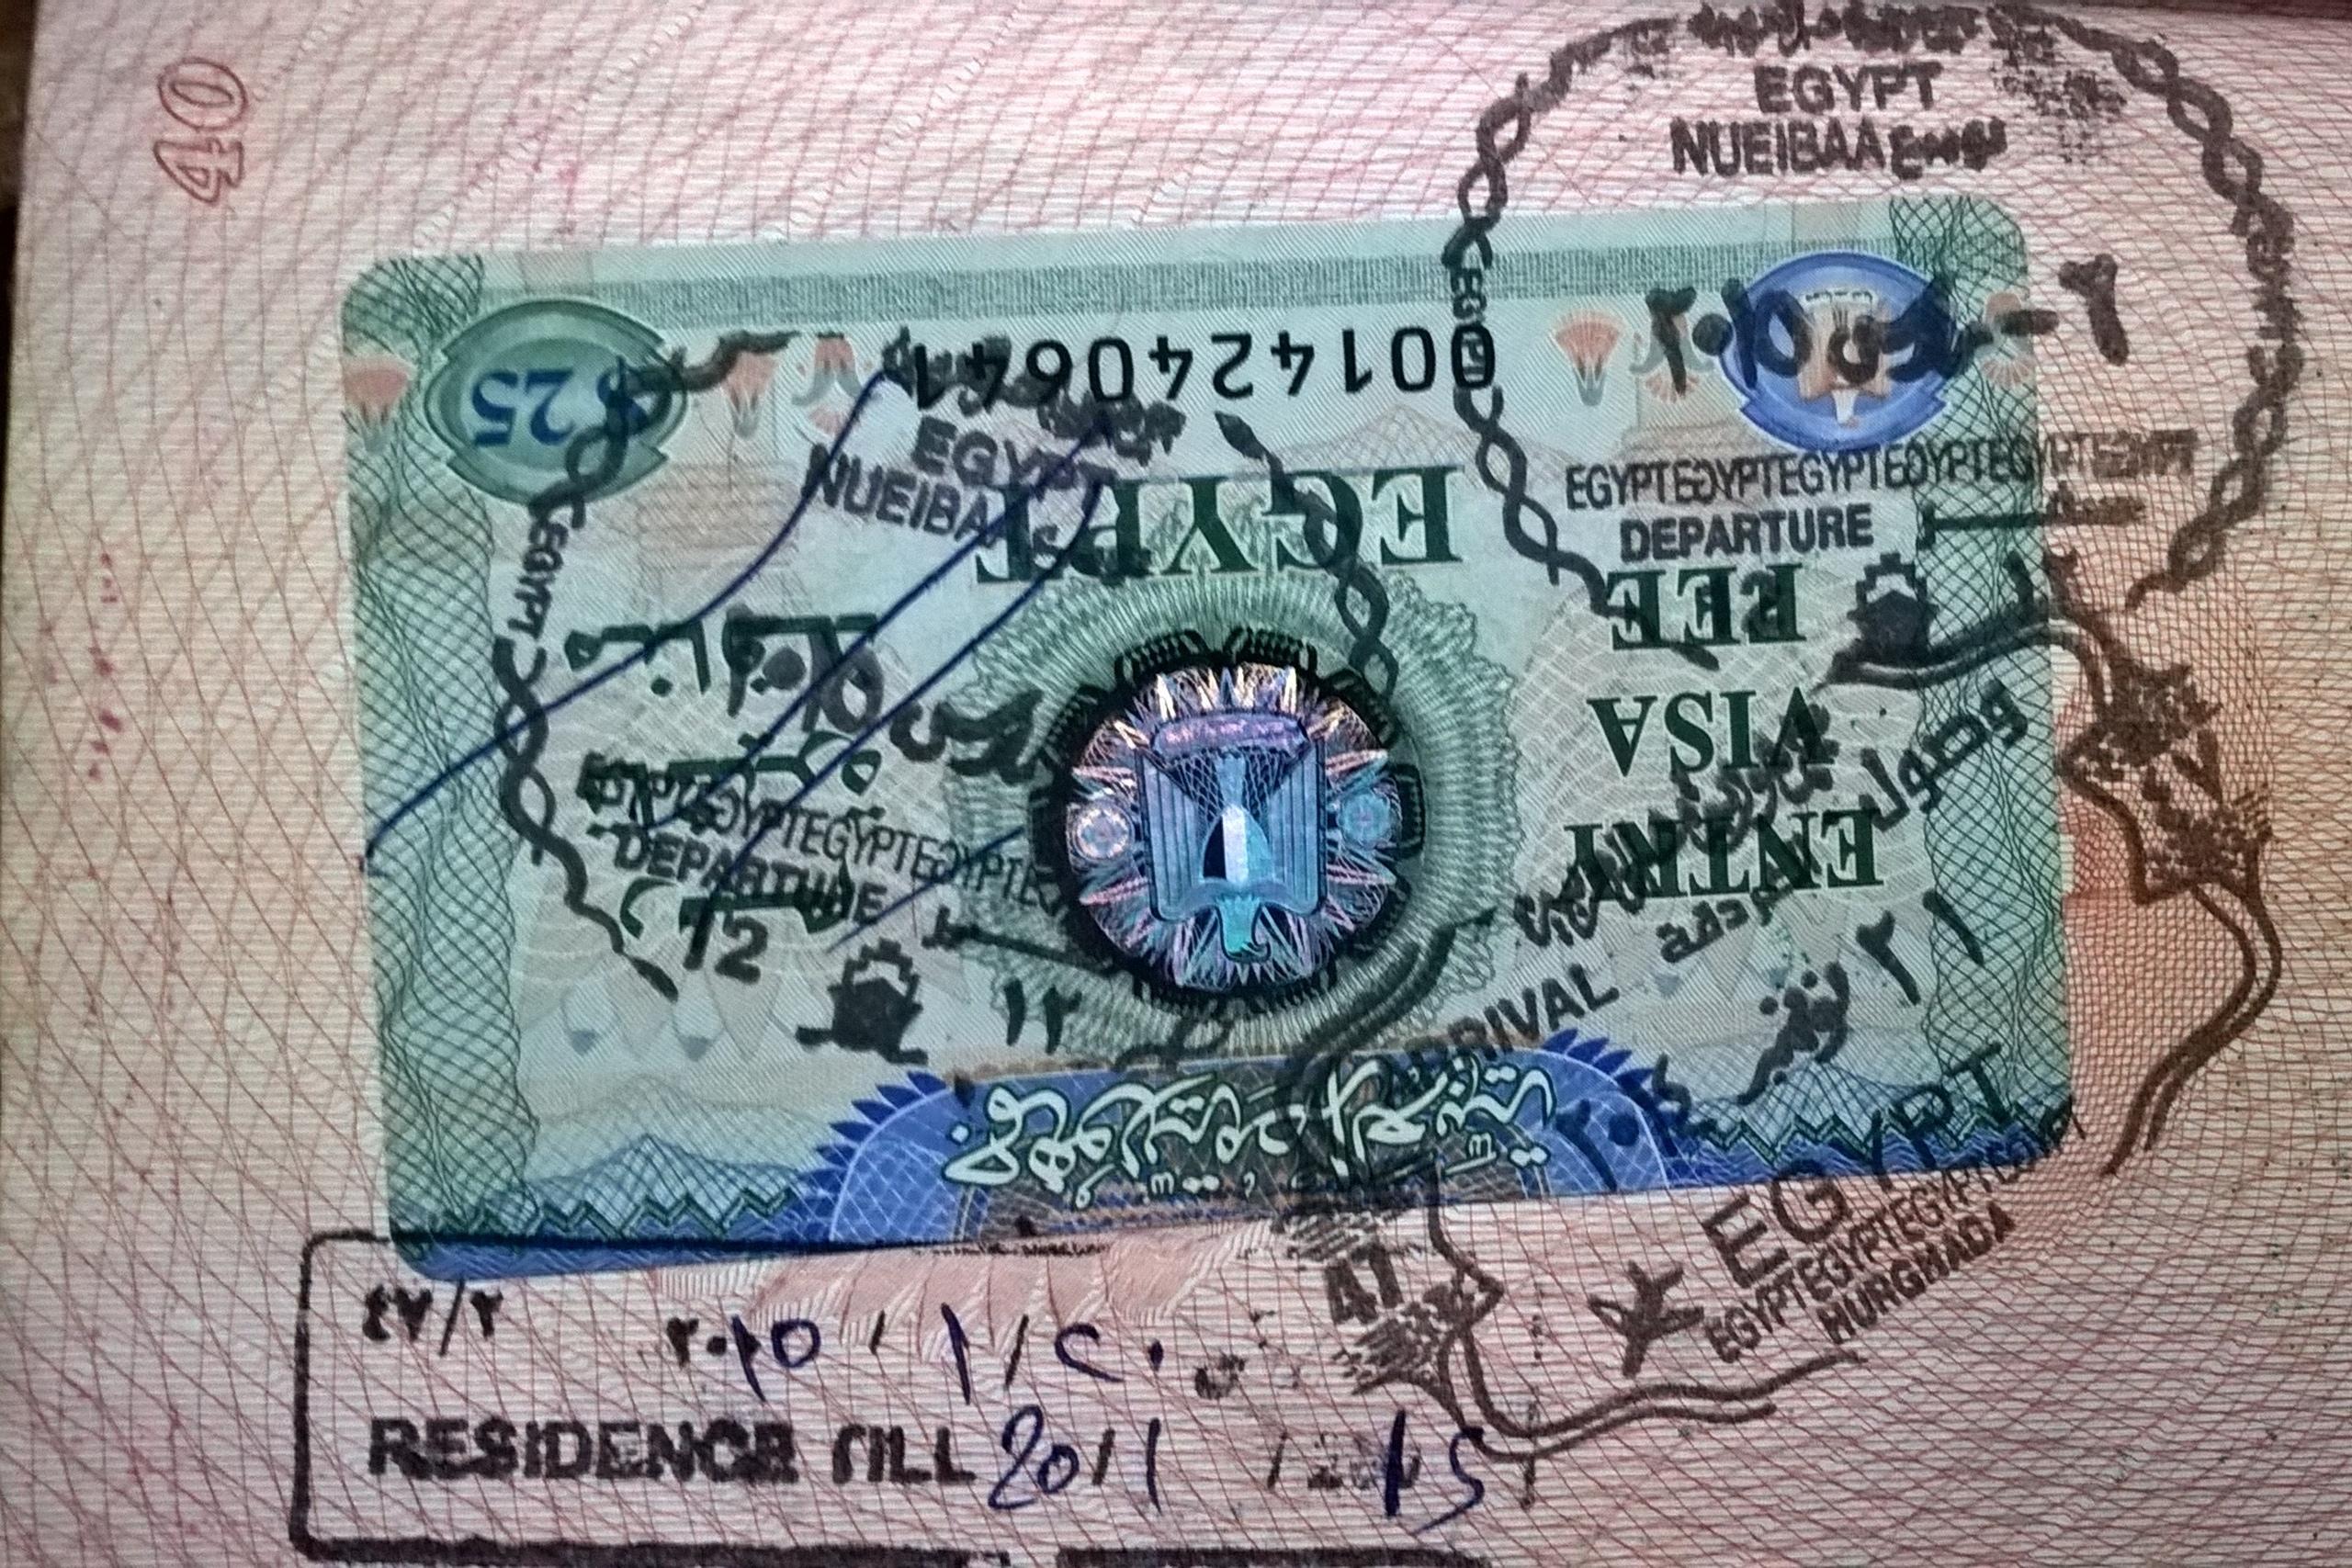 виза Египта и штамп о продлении визы